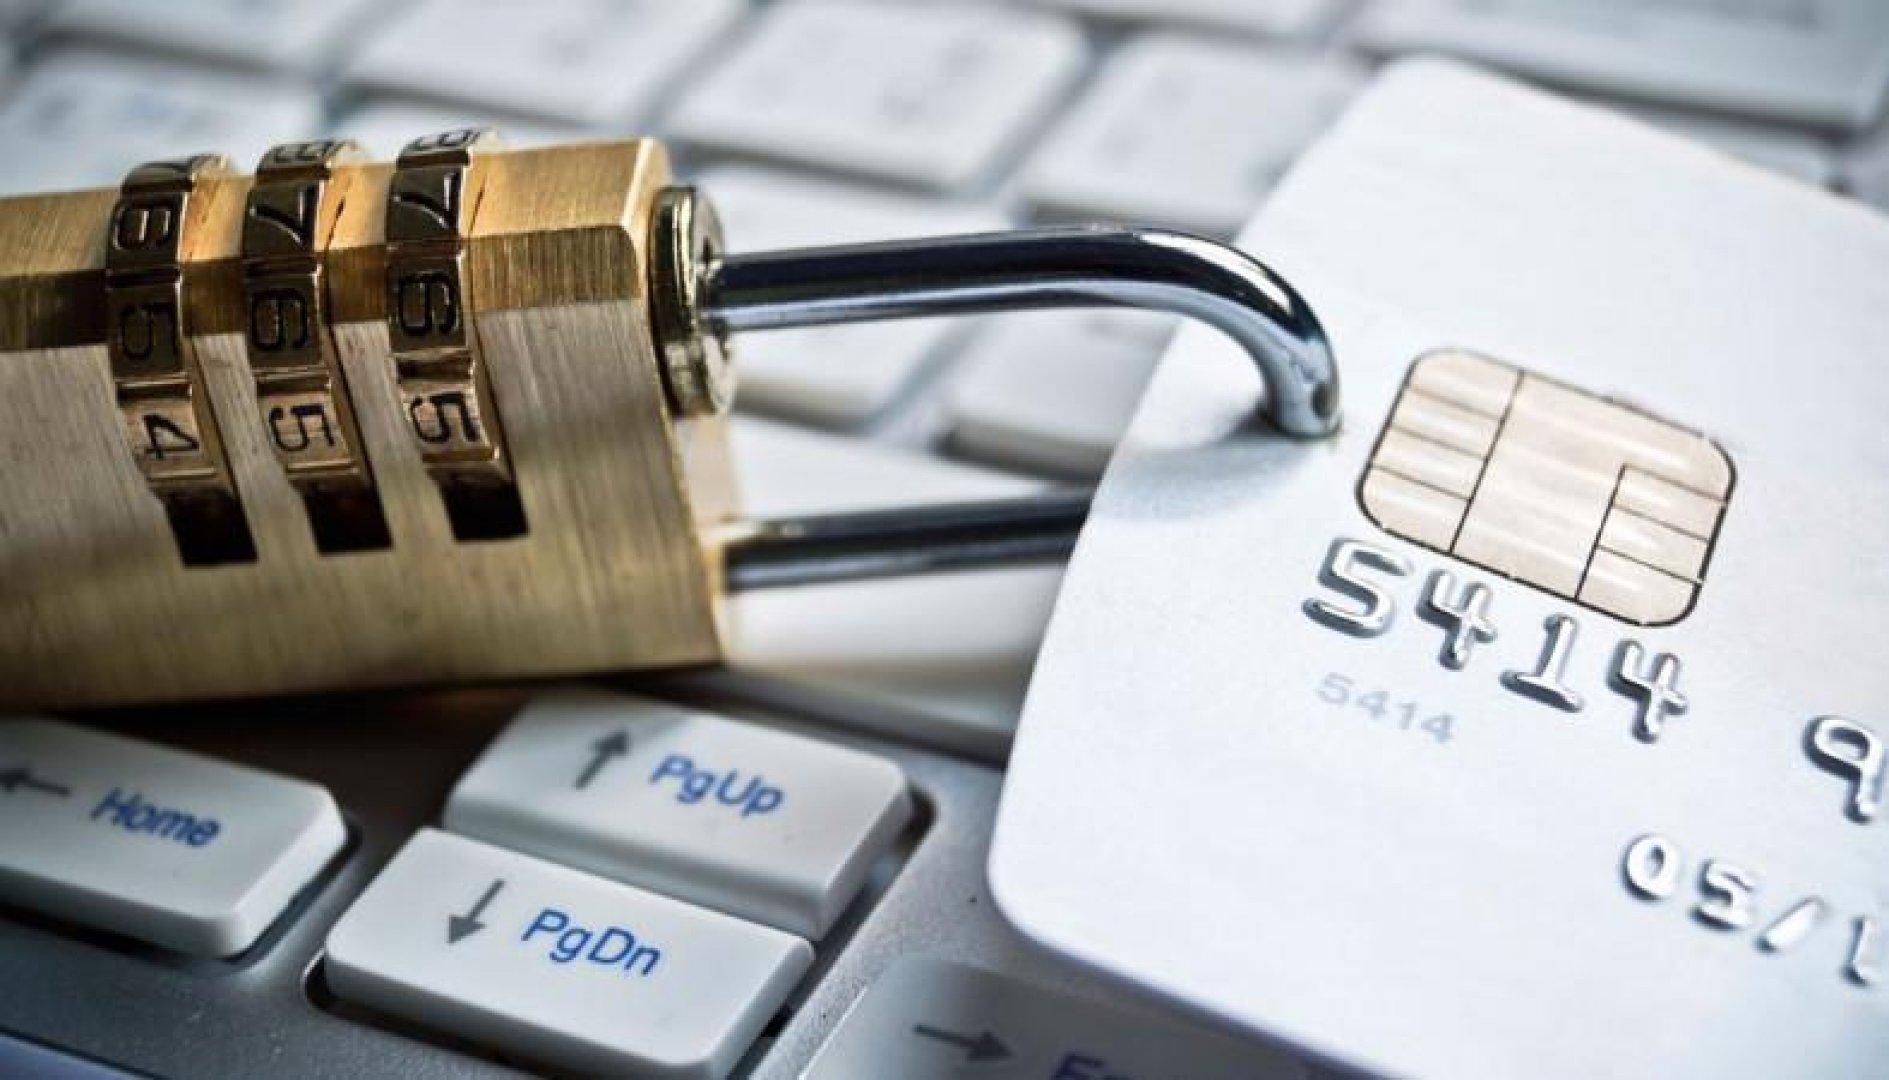 ФССП снятие деньги с карты при задолженности